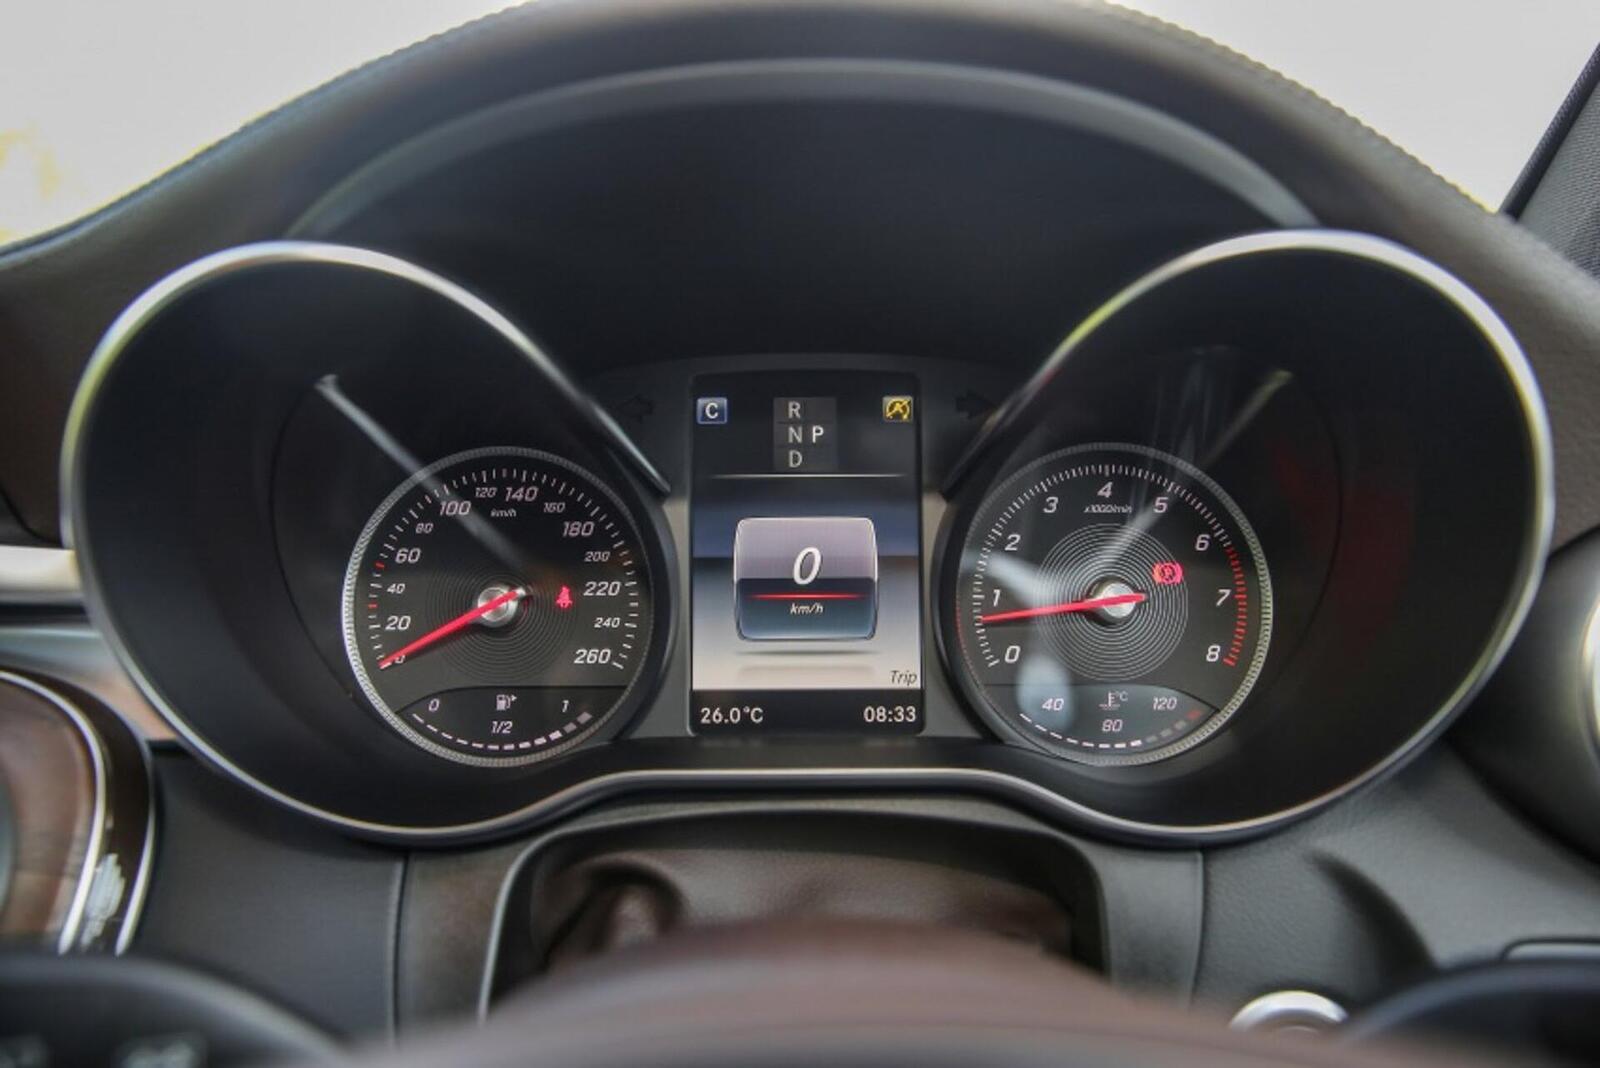 Mercedes-Benz GLC 200 có thể sẽ về Việt Nam với giá rẻ hơn - Hình 11